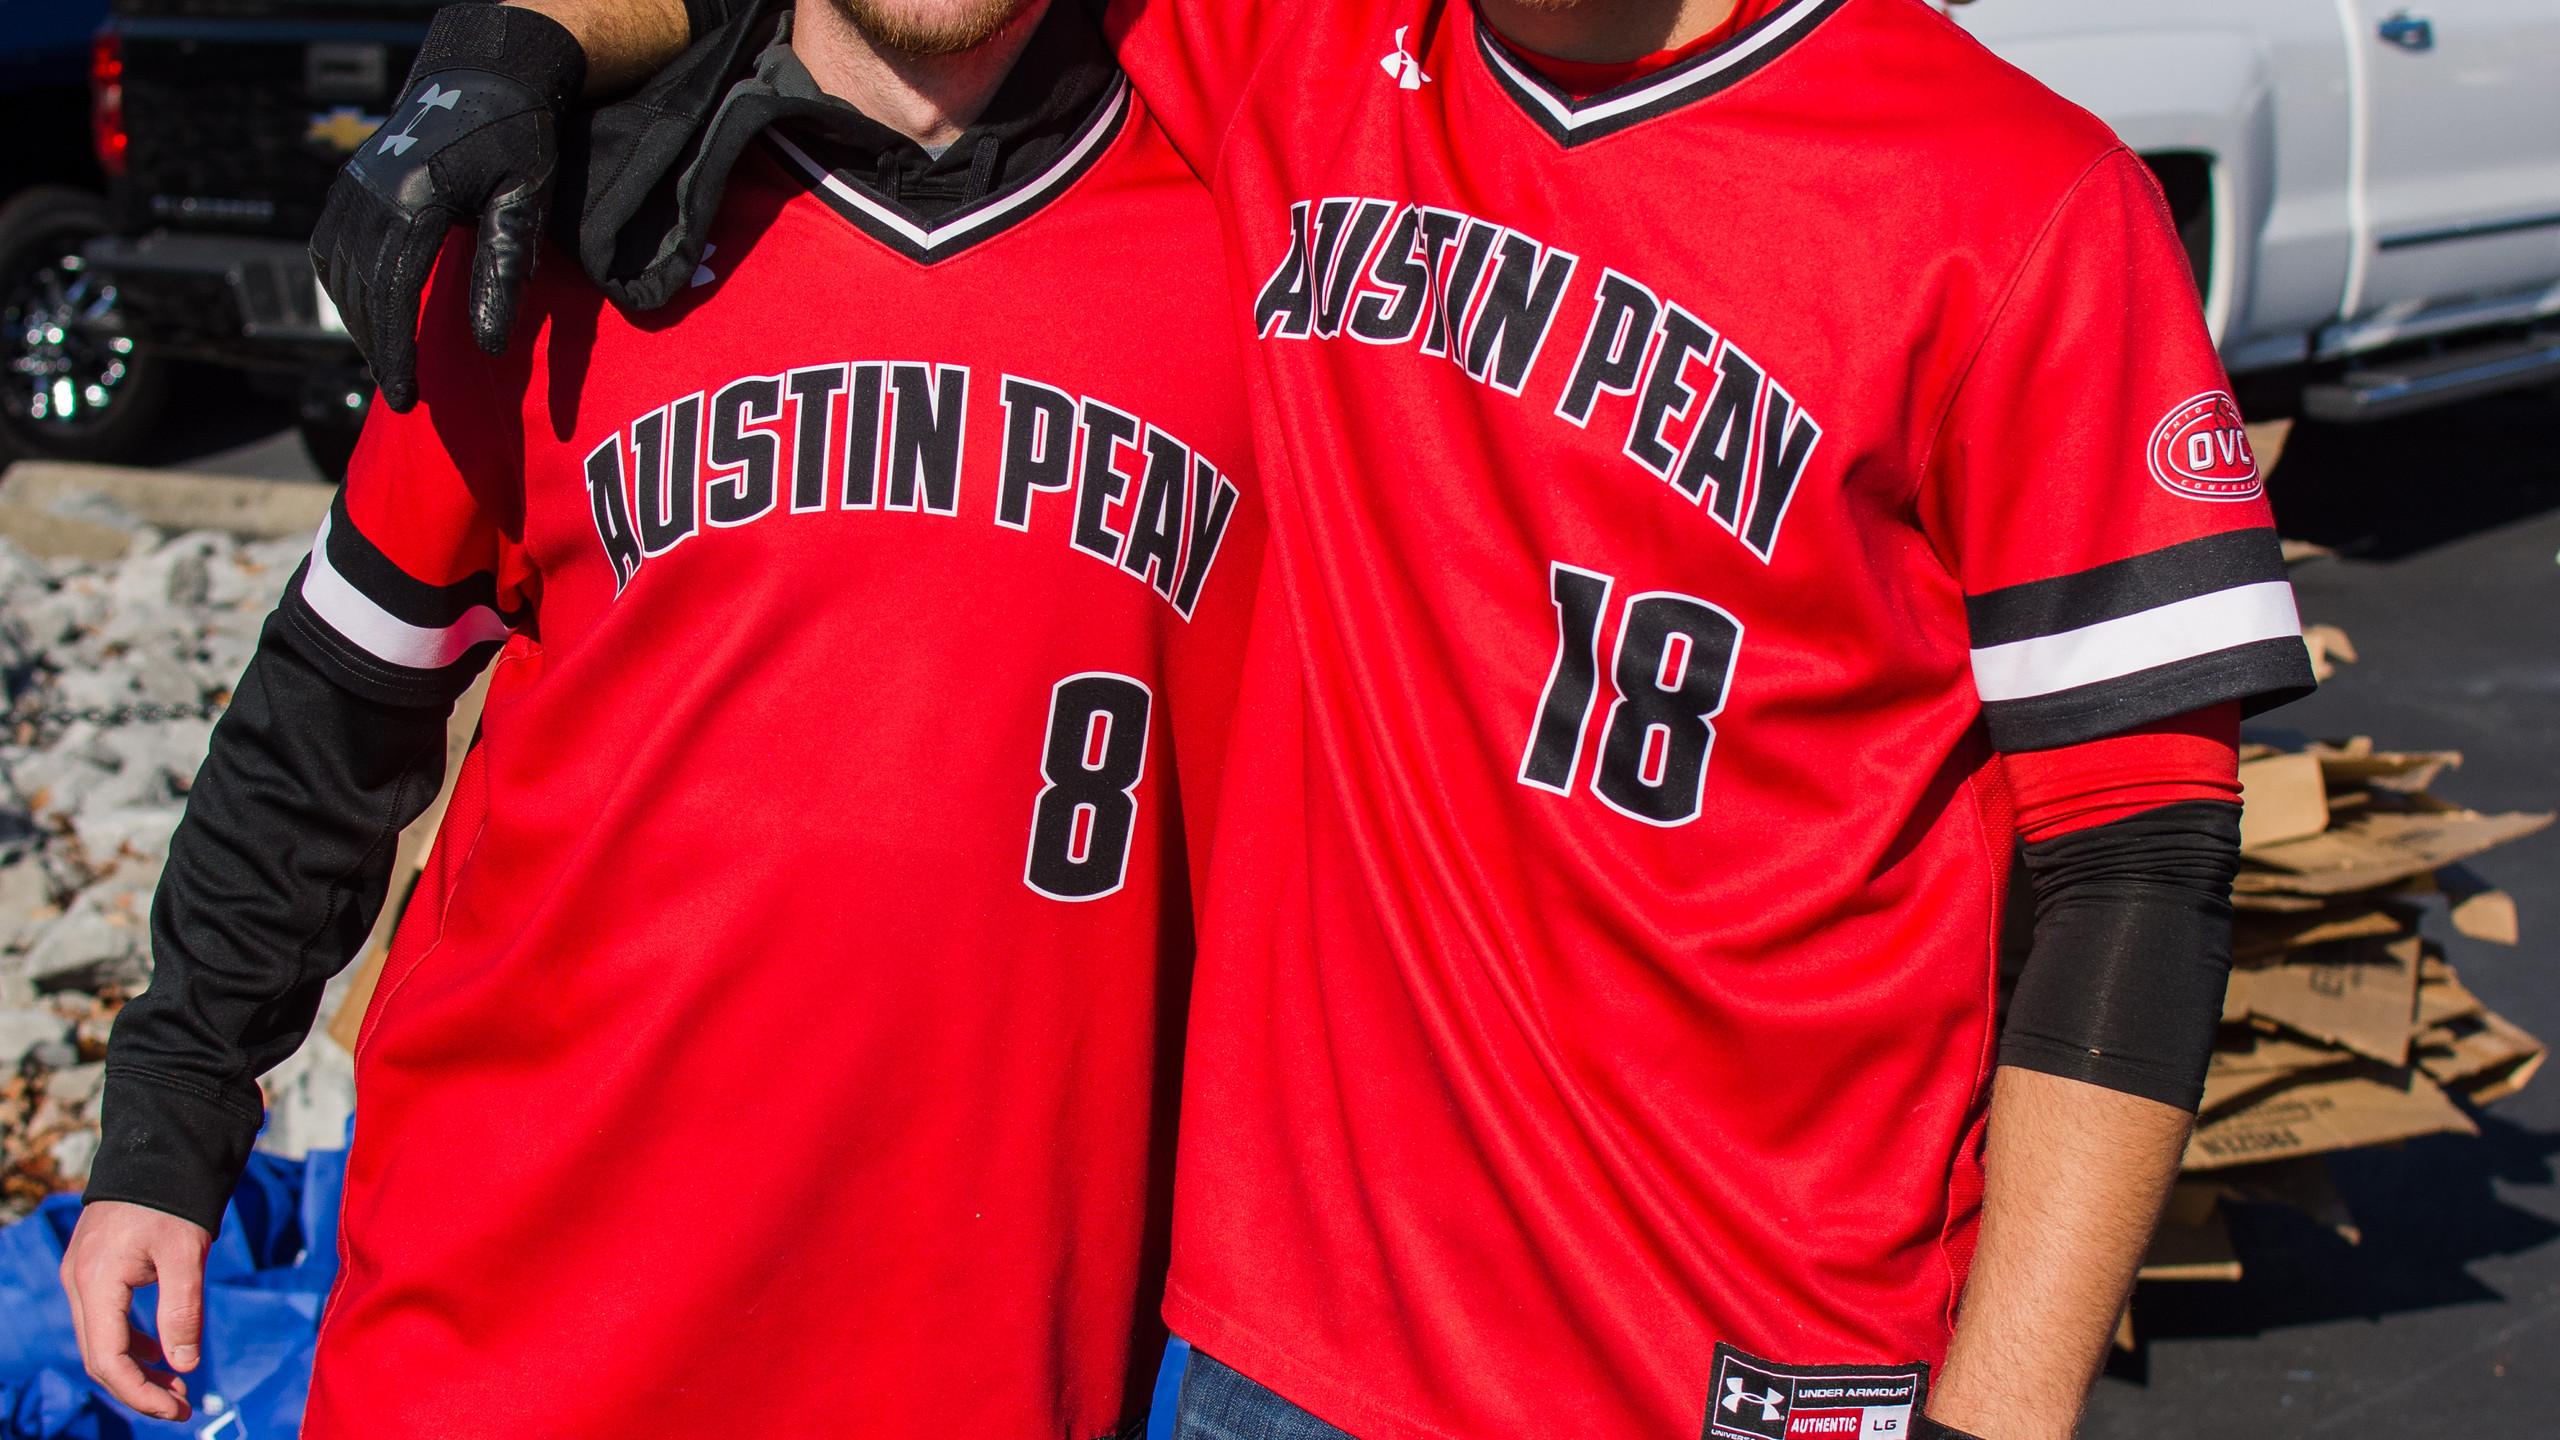 Drew Hursc and Andrew Flaherty